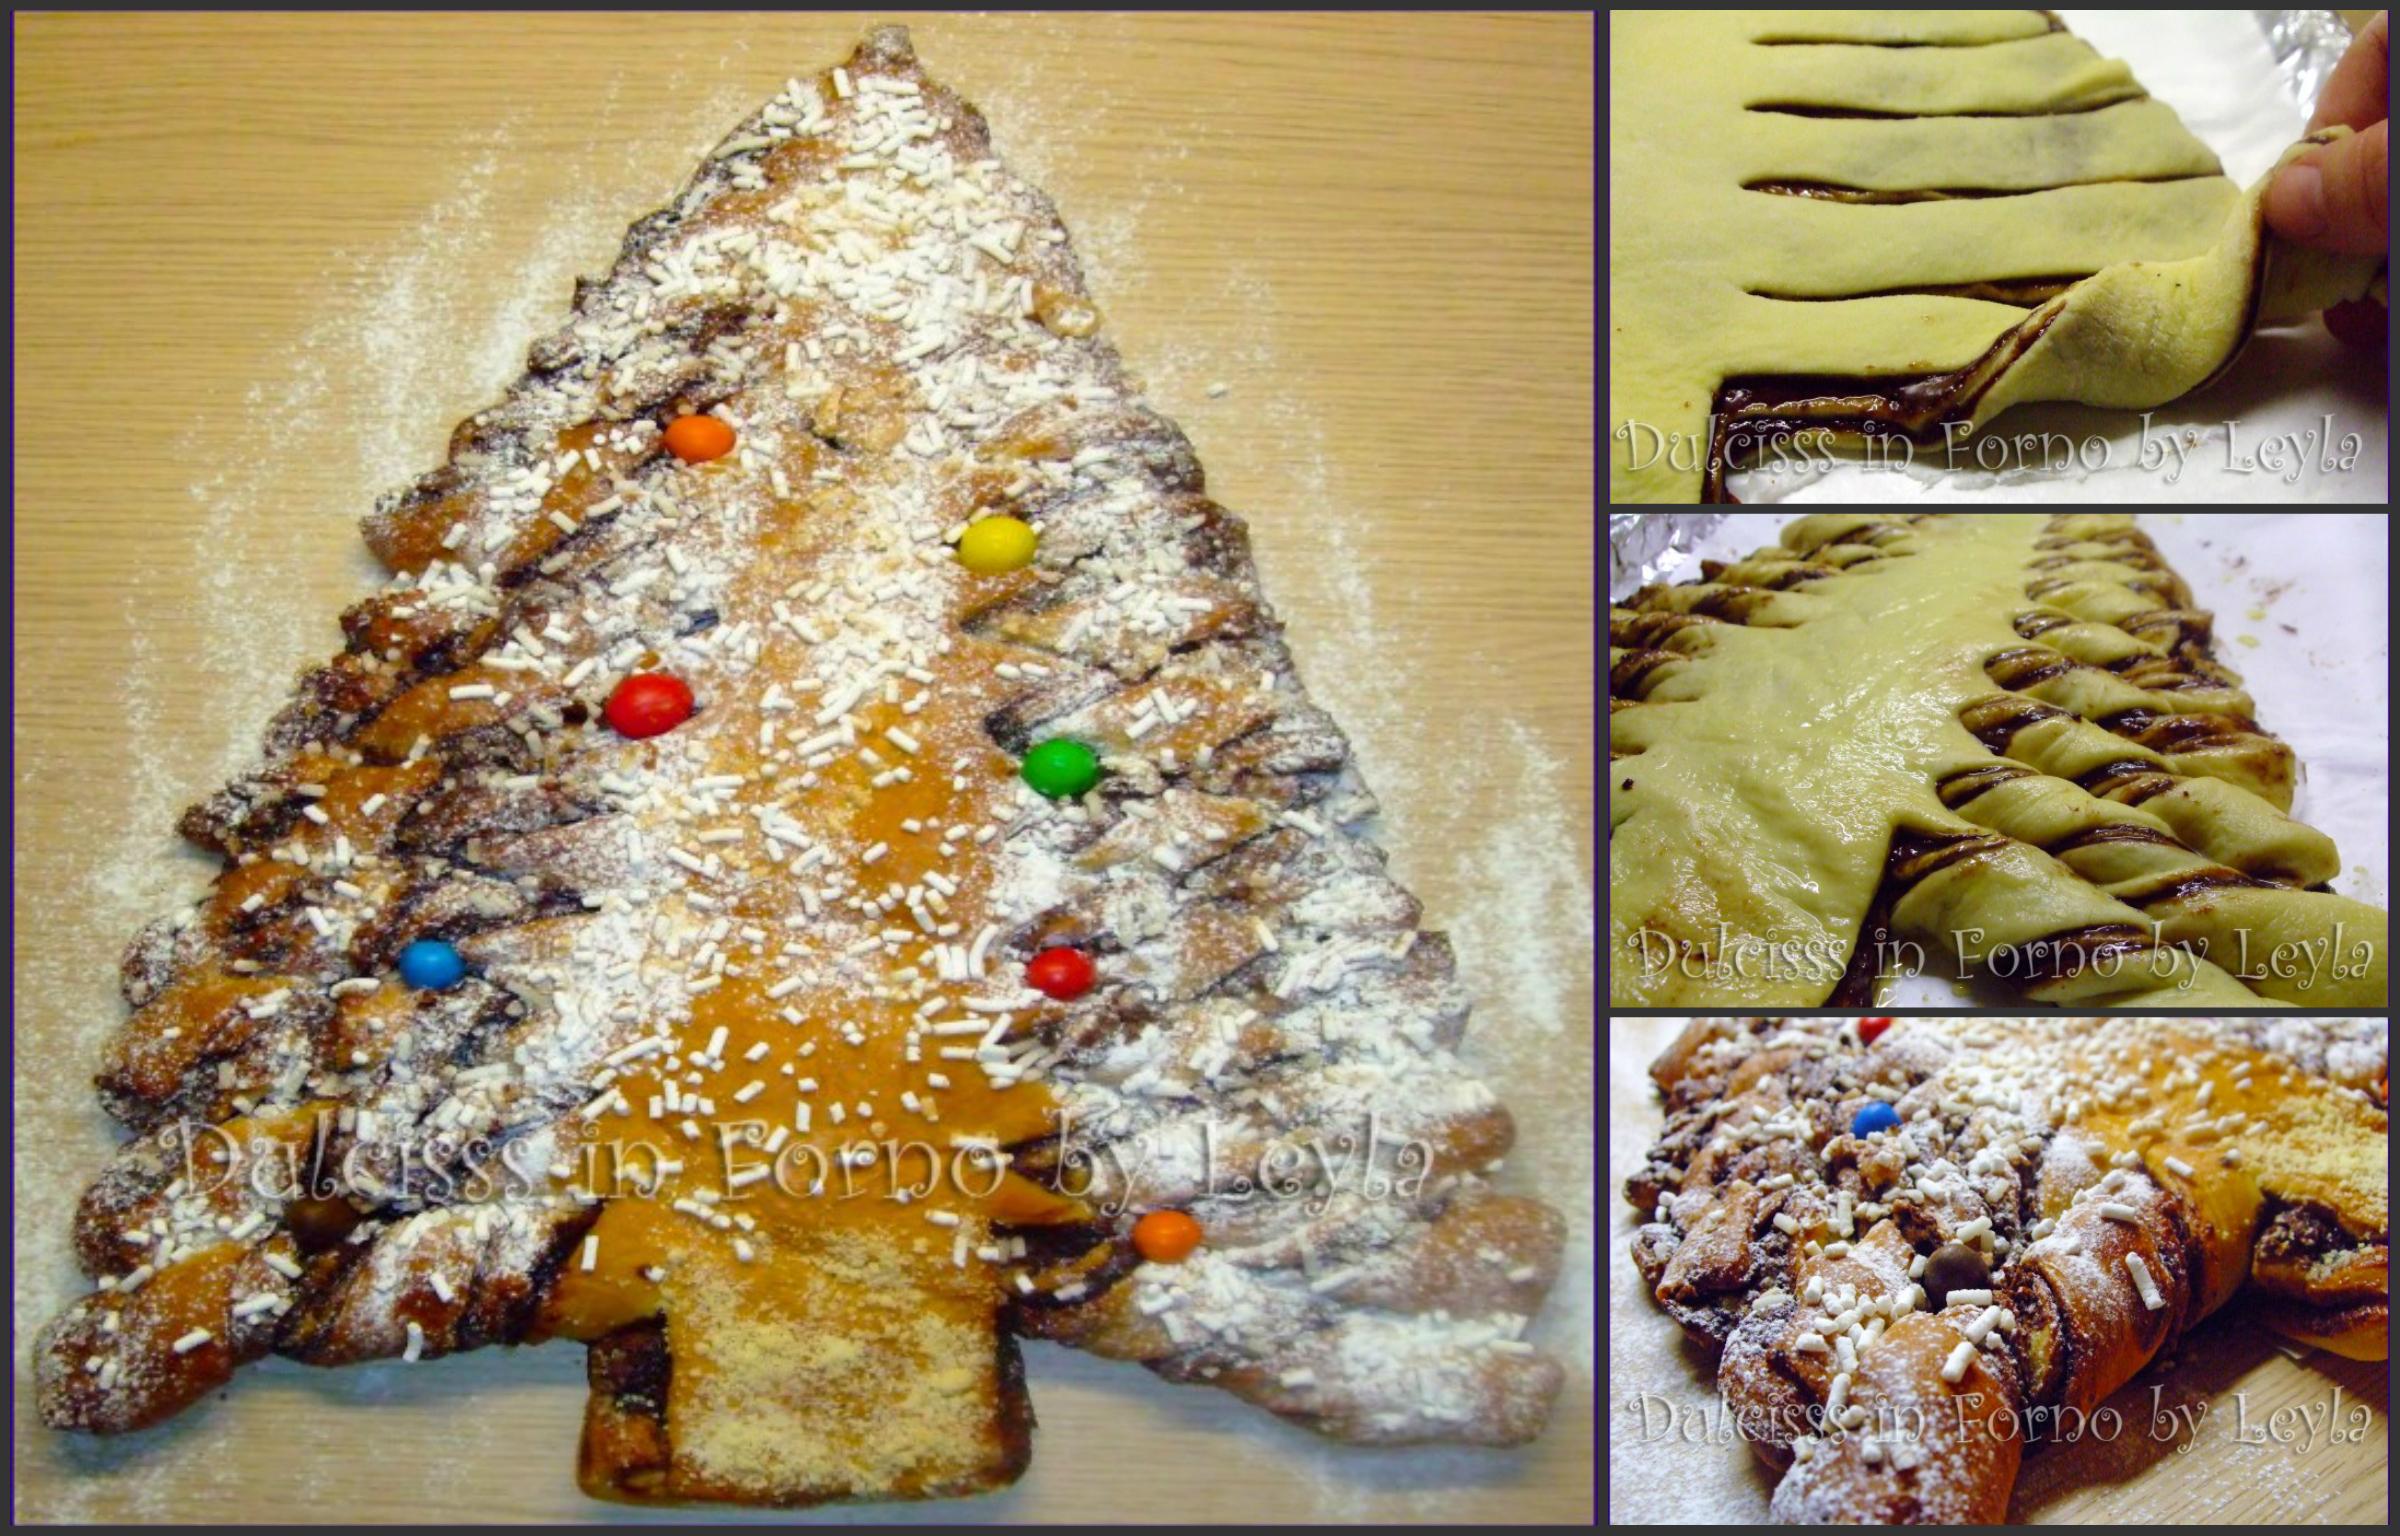 Albero di pan brioche alla nutella: albero di Natale di pan brioche con Nutella